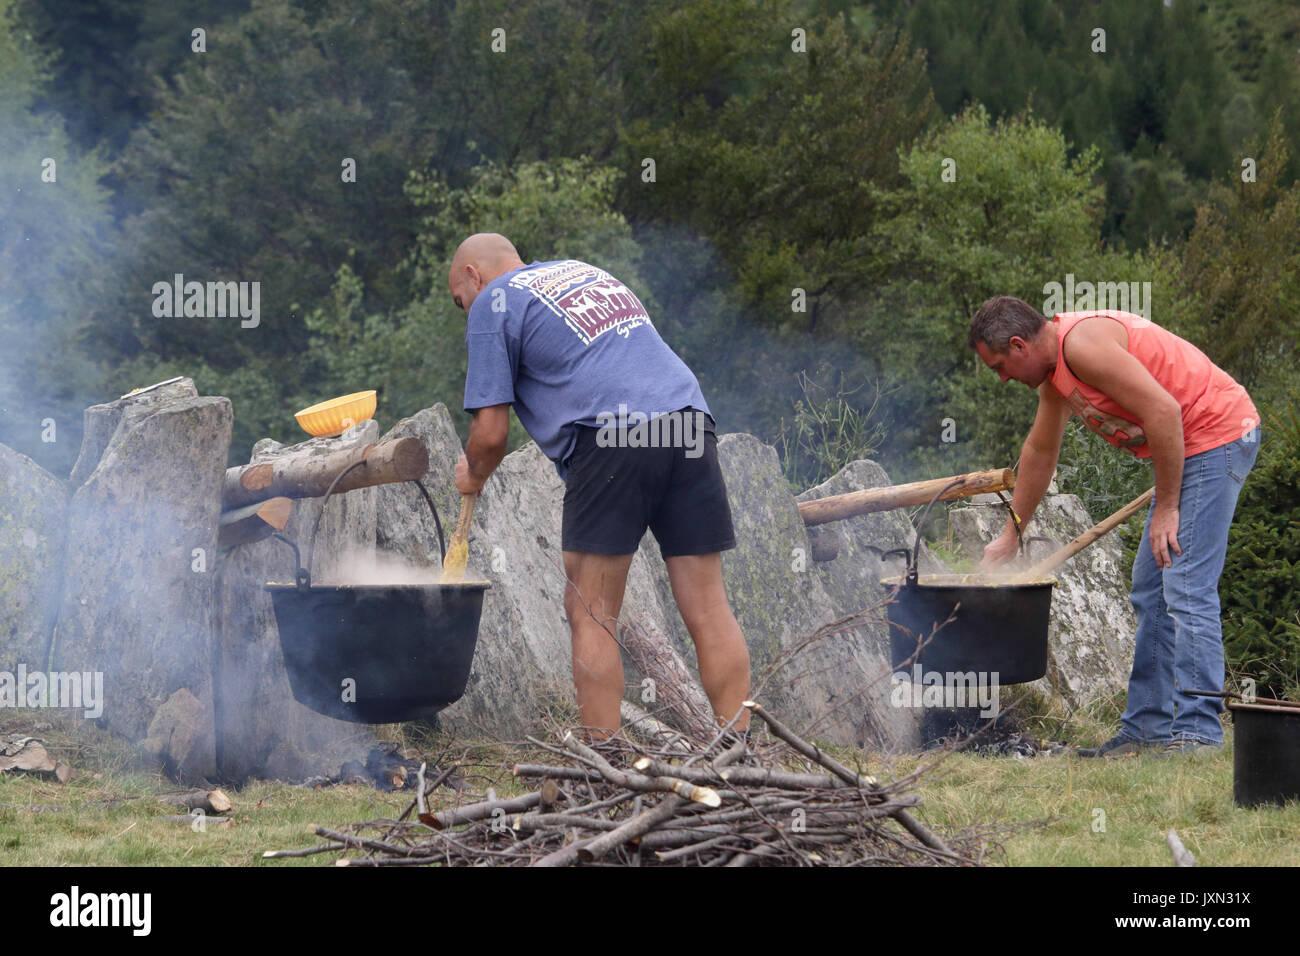 Italiano polenta di farina di mais (polenta) essendo cotti a fiamma bassa in una pentola su una tavola di legno e carbone falò durante un pasto rurale in una foresta Immagini Stock